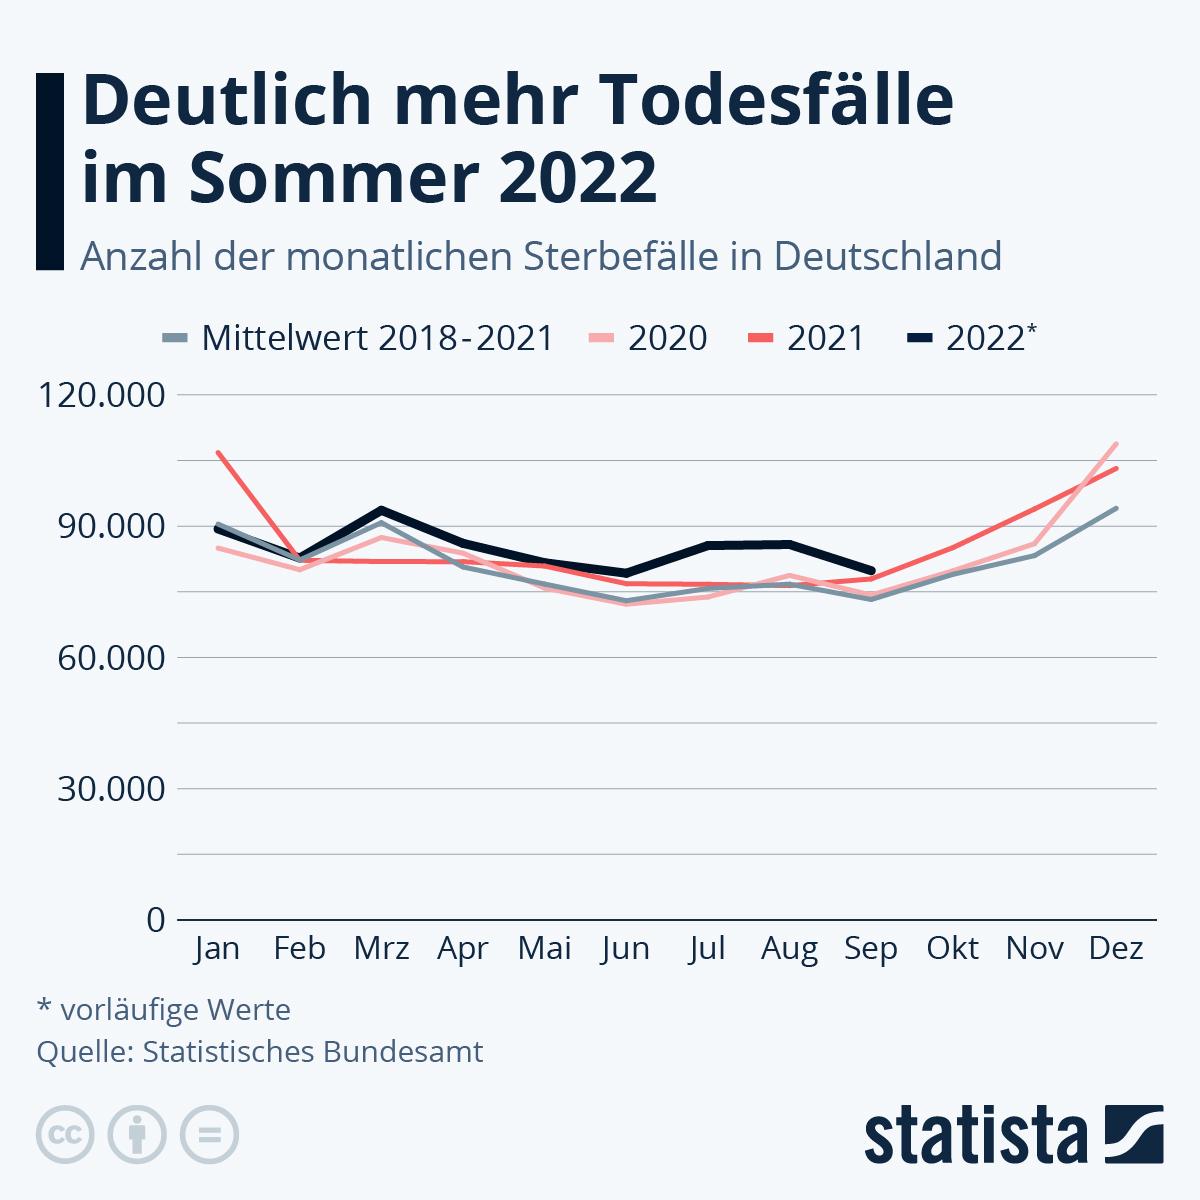 Infografik: Sterblichkeit 2020 auf dem Niveau der Vorjahre | Statista